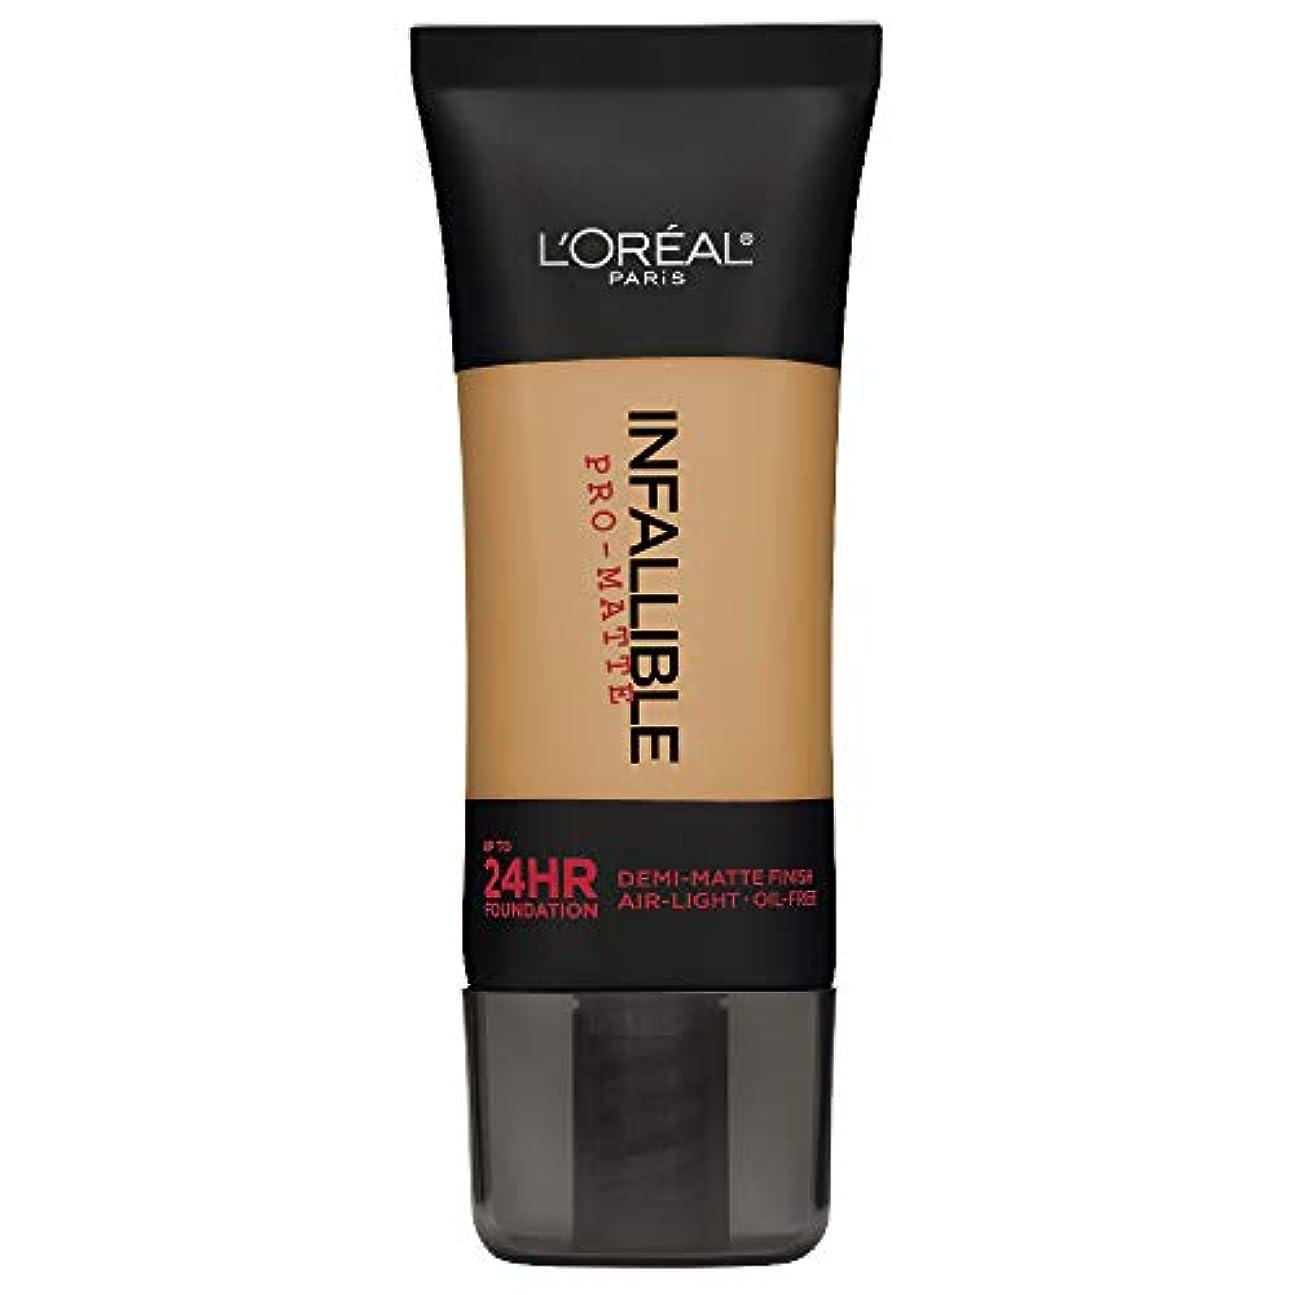 推測クリケット怒ってL'Oreal Paris Infallible Pro-Matte Foundation Makeup, 107 Fresh Beige, 1 fl. oz[並行輸入品]